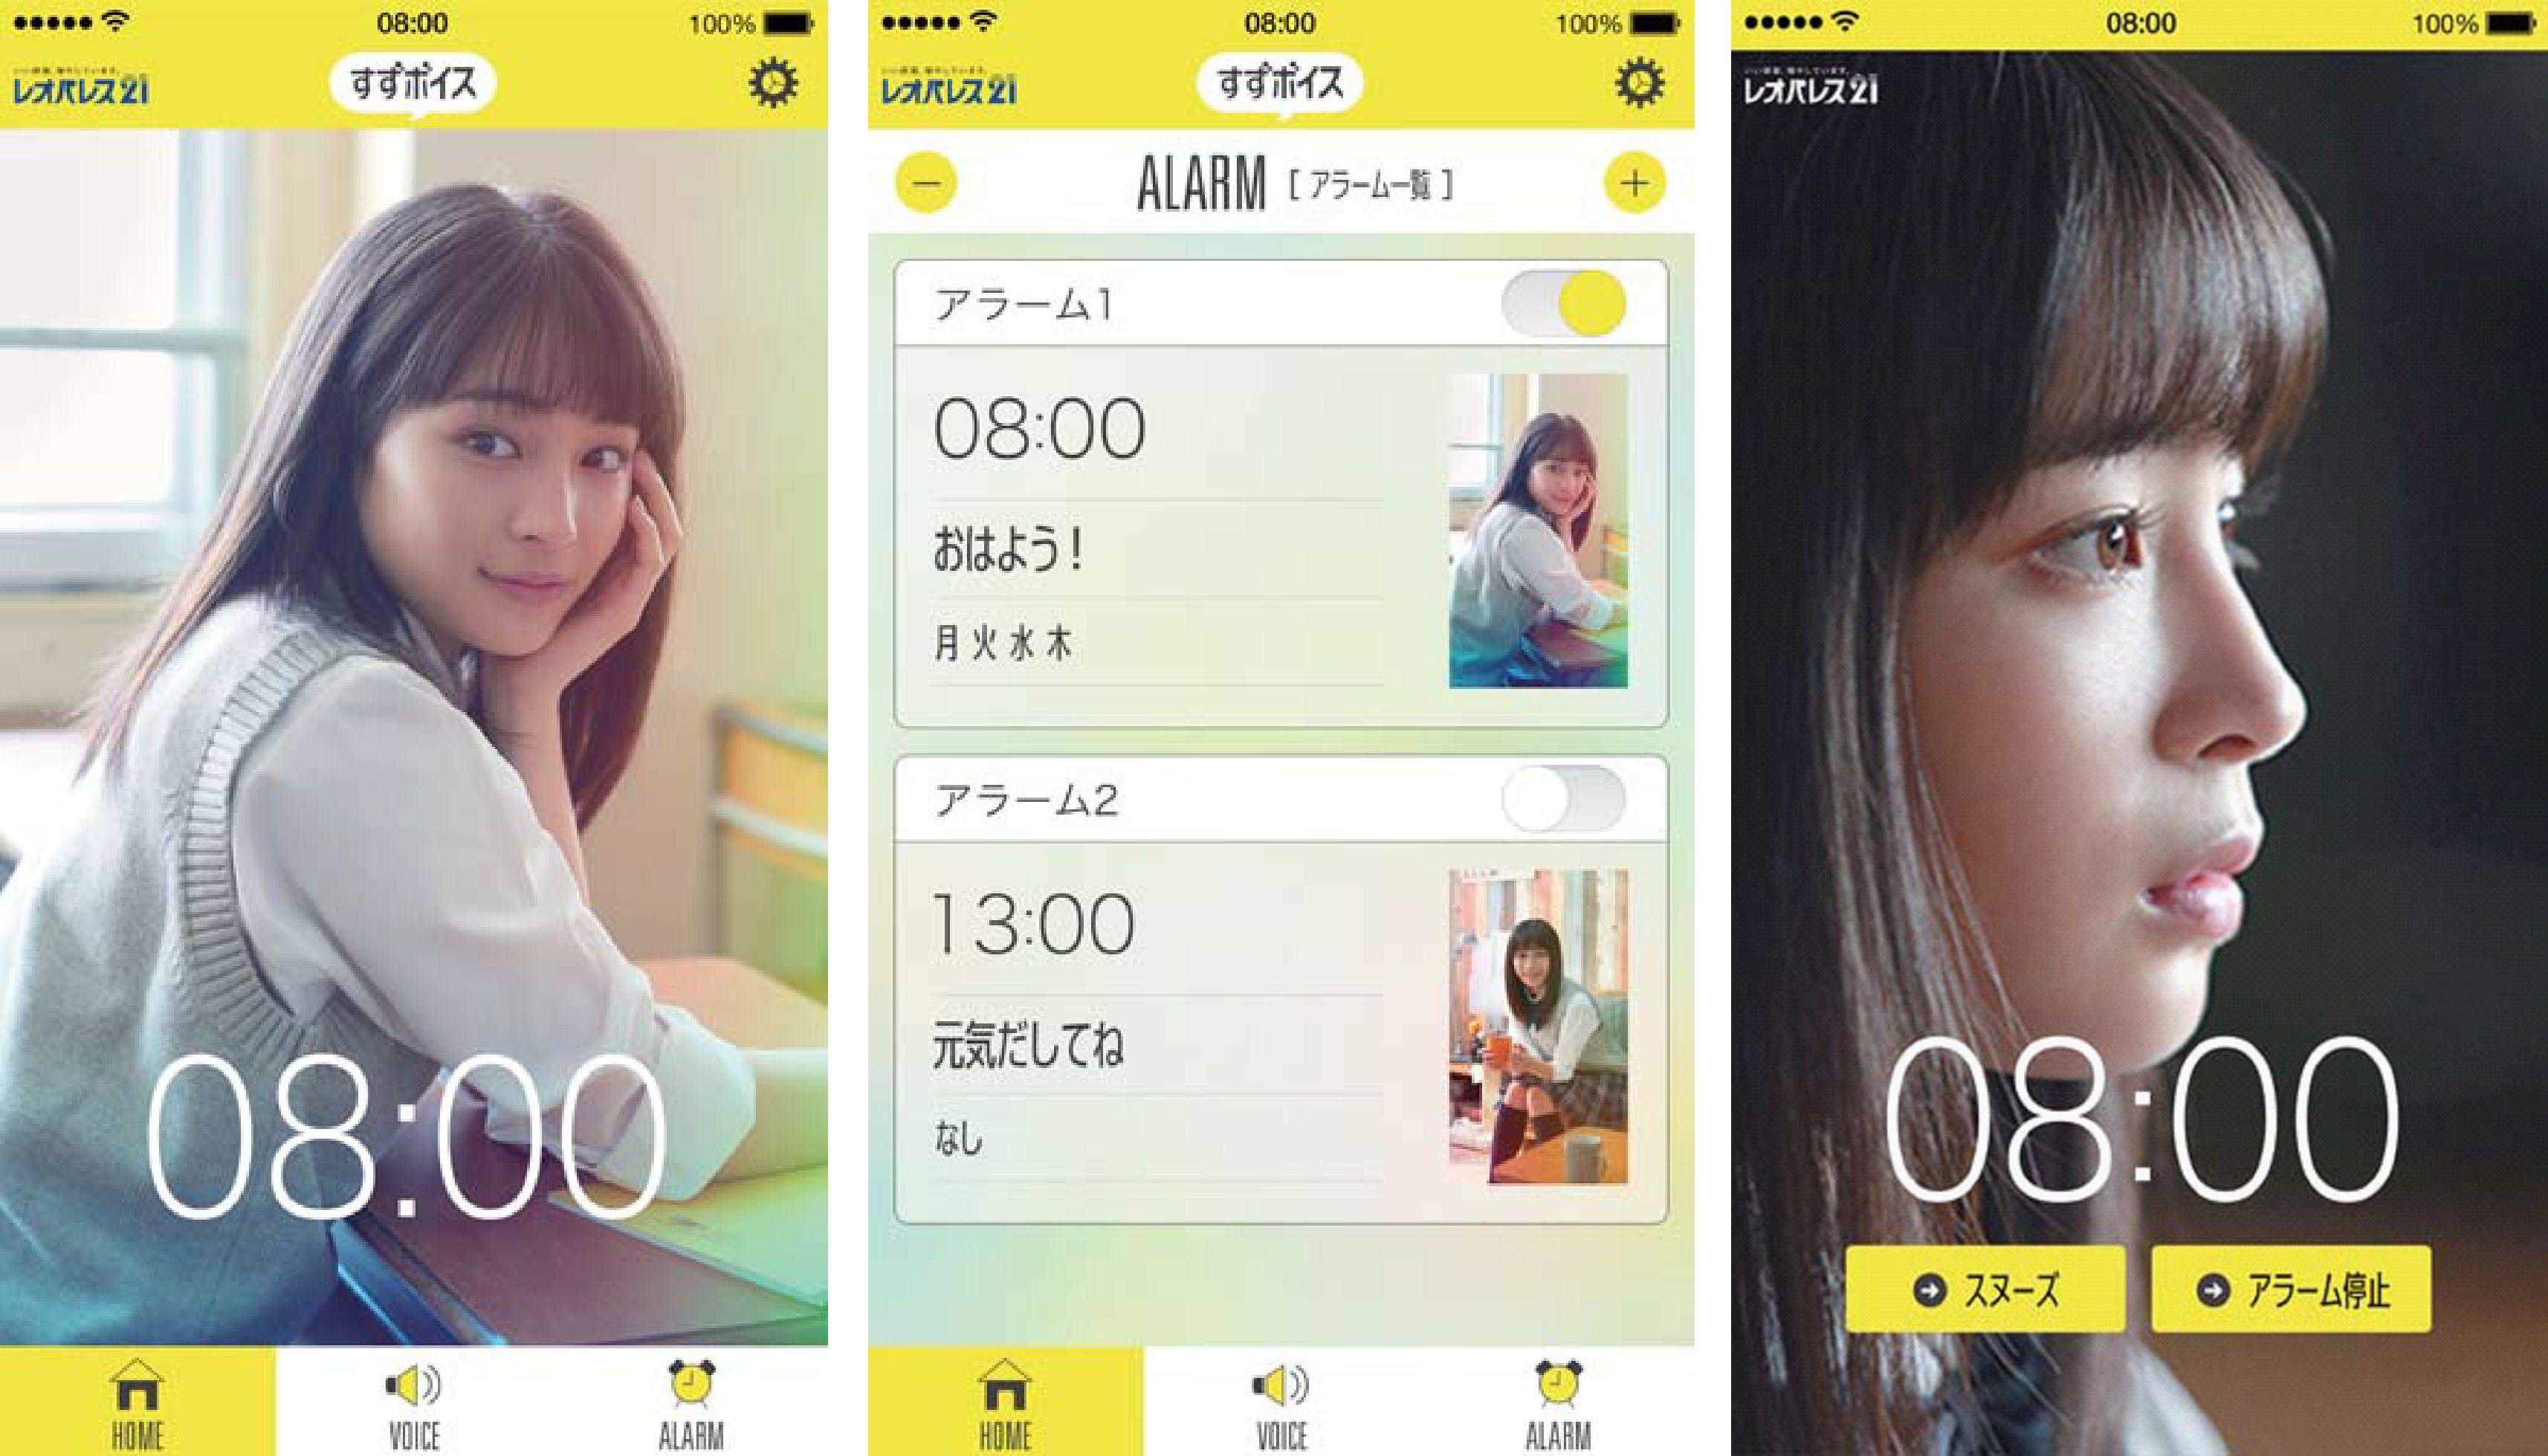 レオパレス21のcmキャラクター広瀬すずさんによるアラームアプリが登場